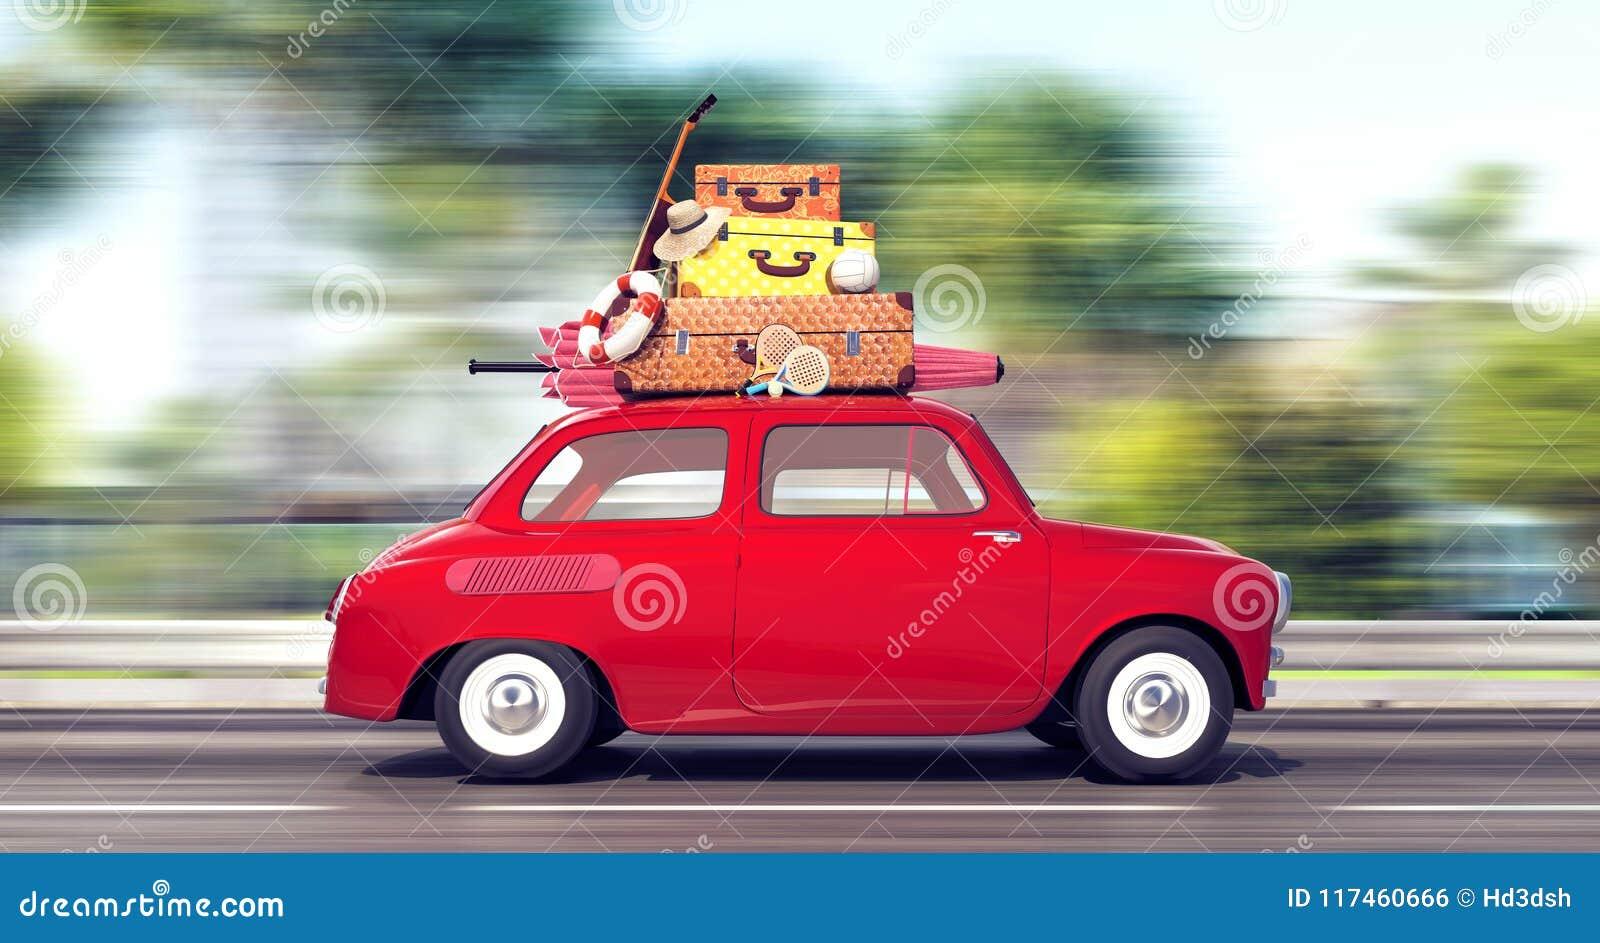 Ein rotes Auto mit Gepäck auf dem Dach geht schnell im Urlaub